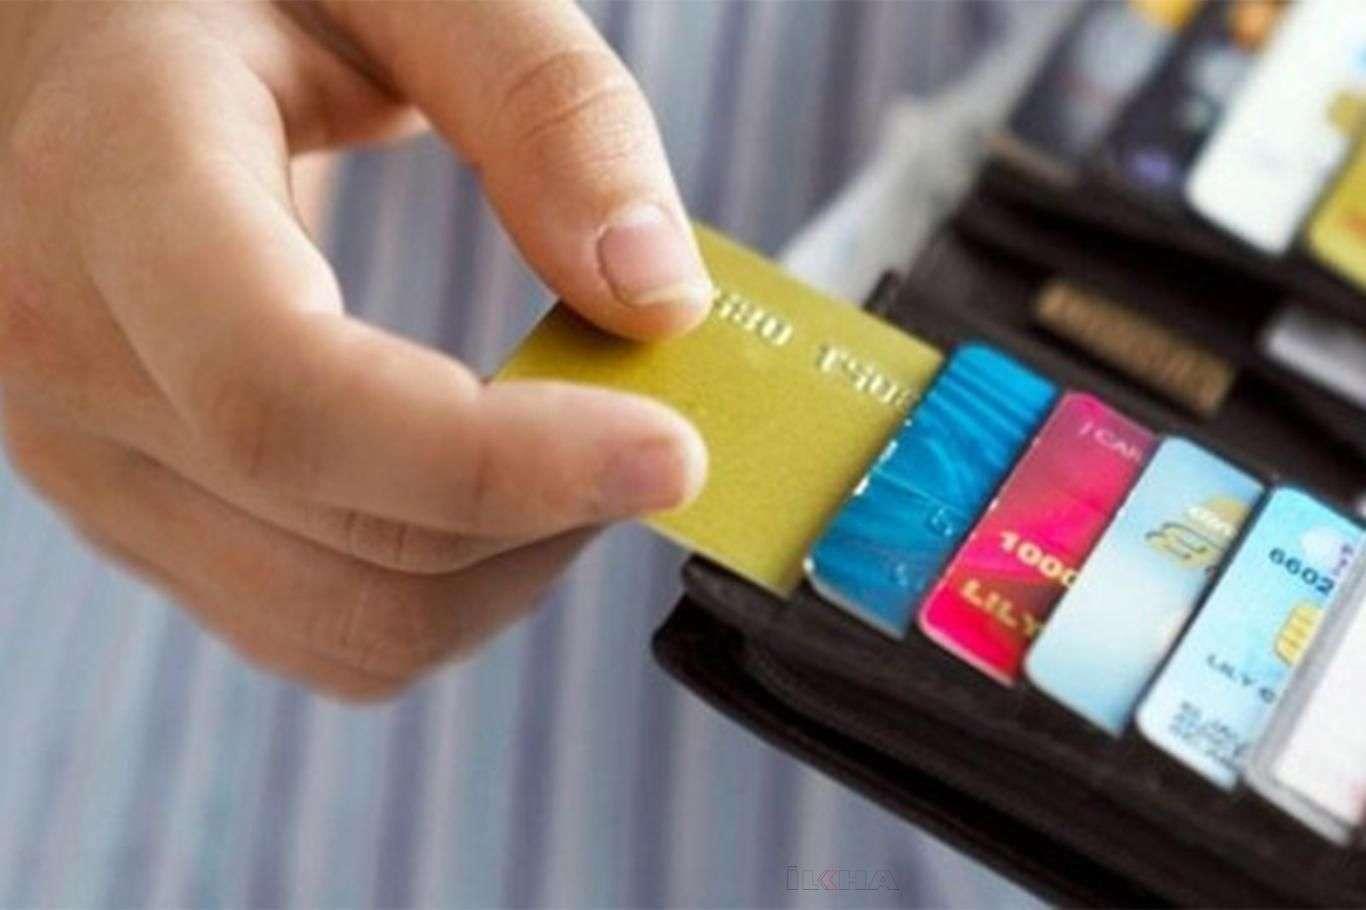 Türkiyede 34 milyondan fazla kişi bireysel kredi kullanıyor